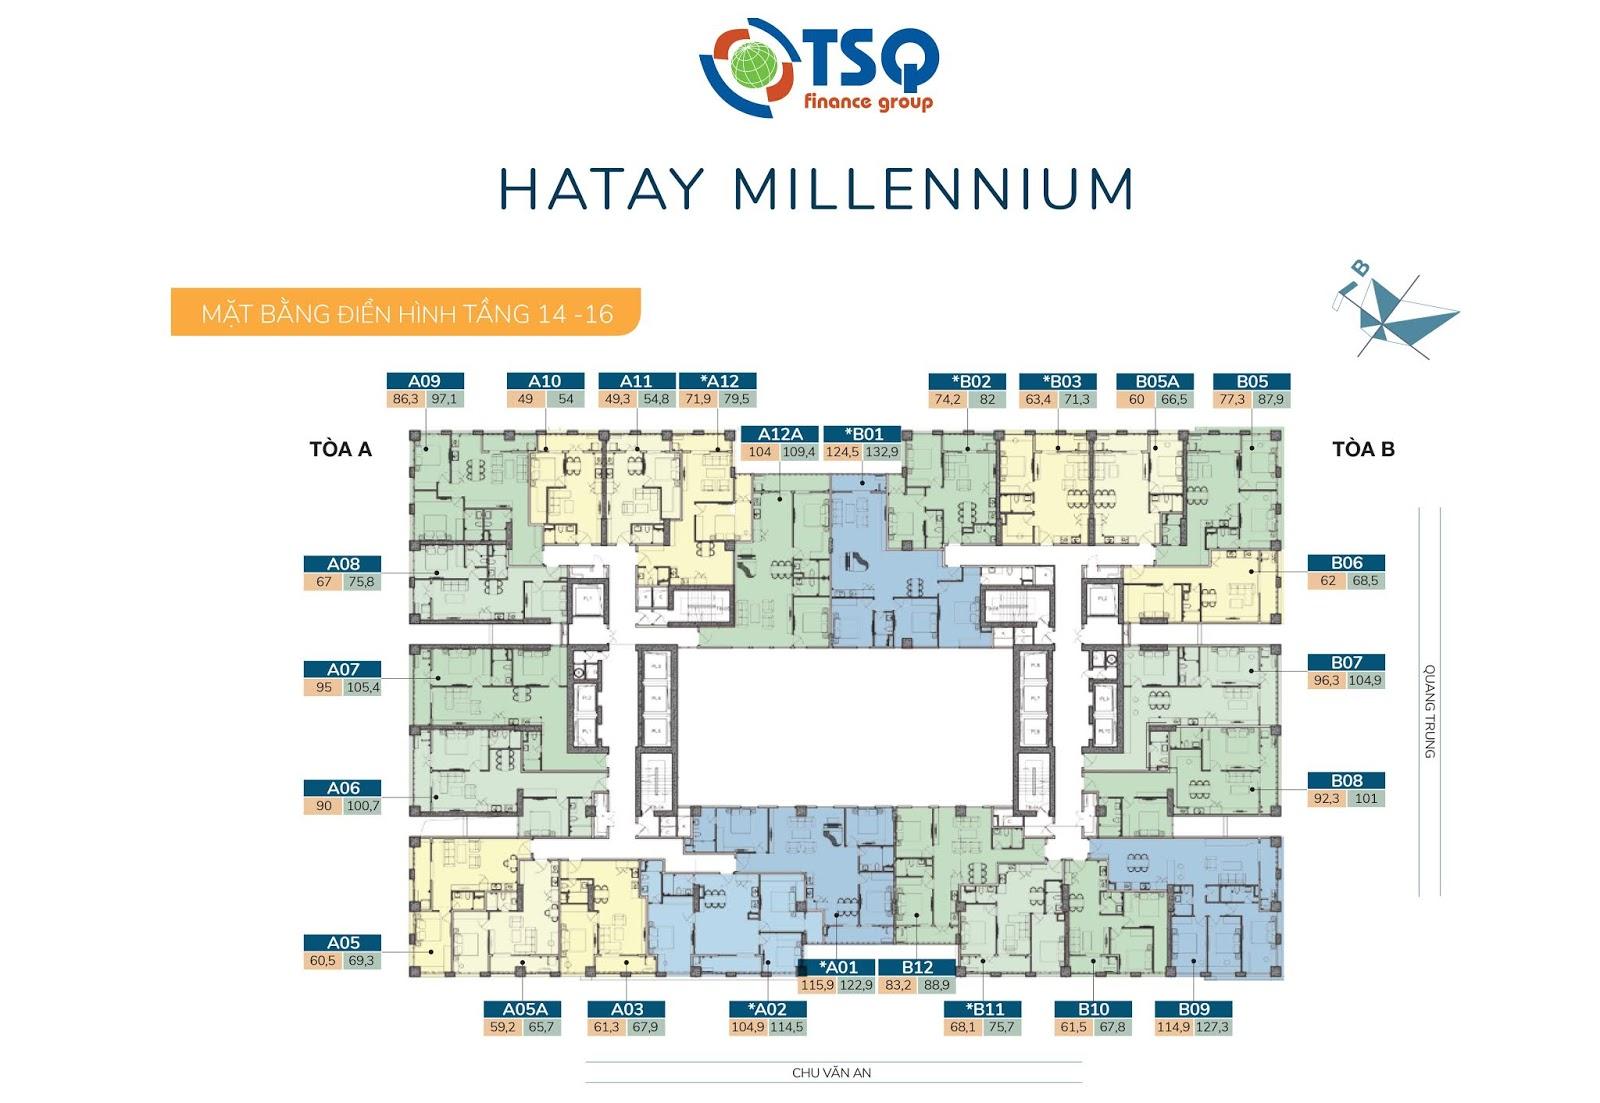 Mặt bằng thiết kế Hatay Millennium tầng 14-16